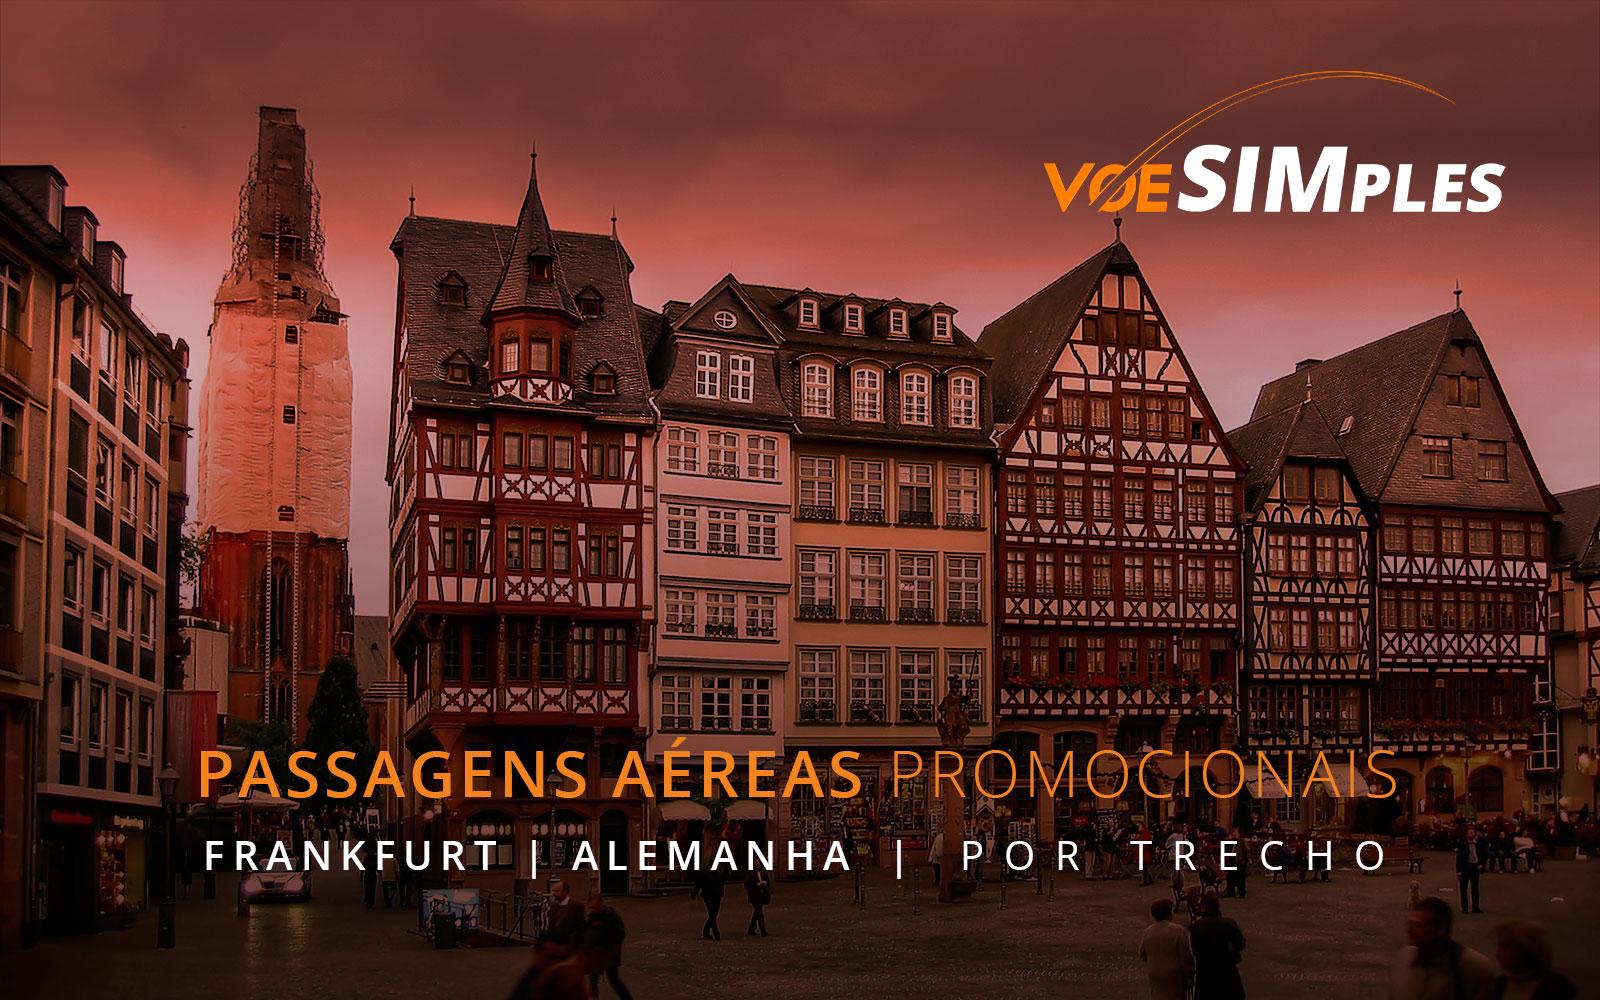 Passagens aéreas promocionais para a Alemanha